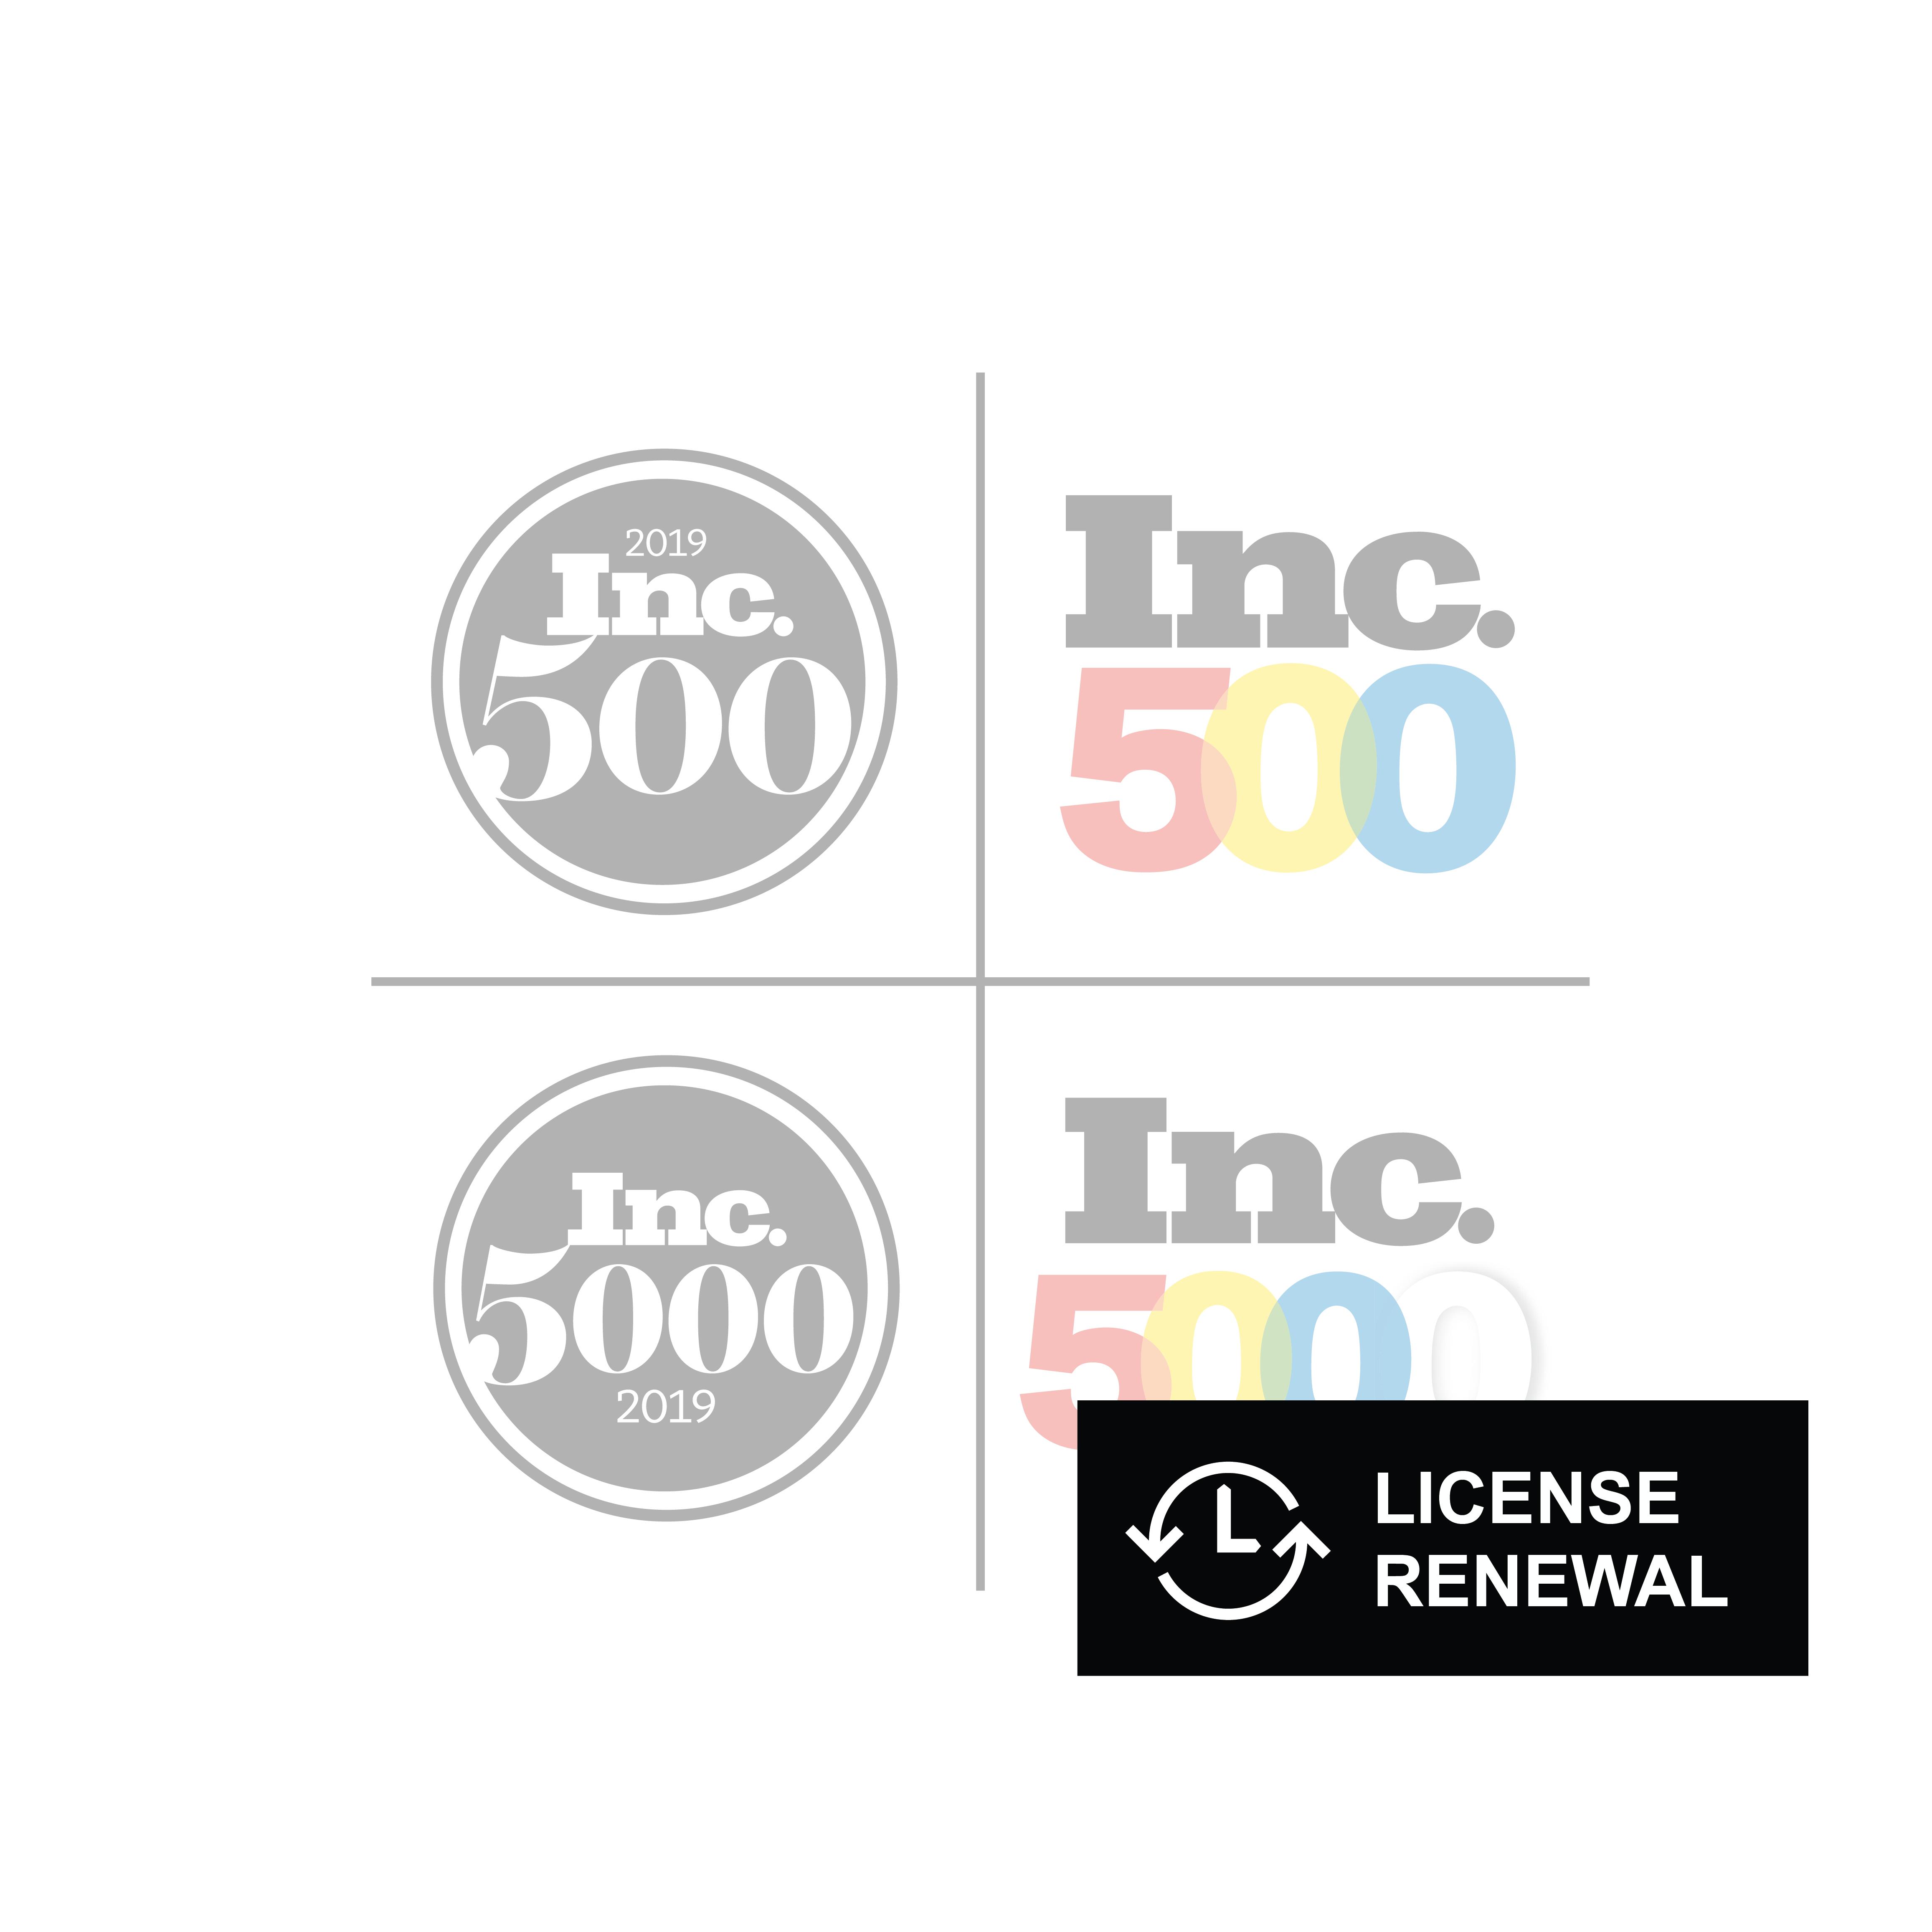 Inc 500 5000 Contemporary Inc Store